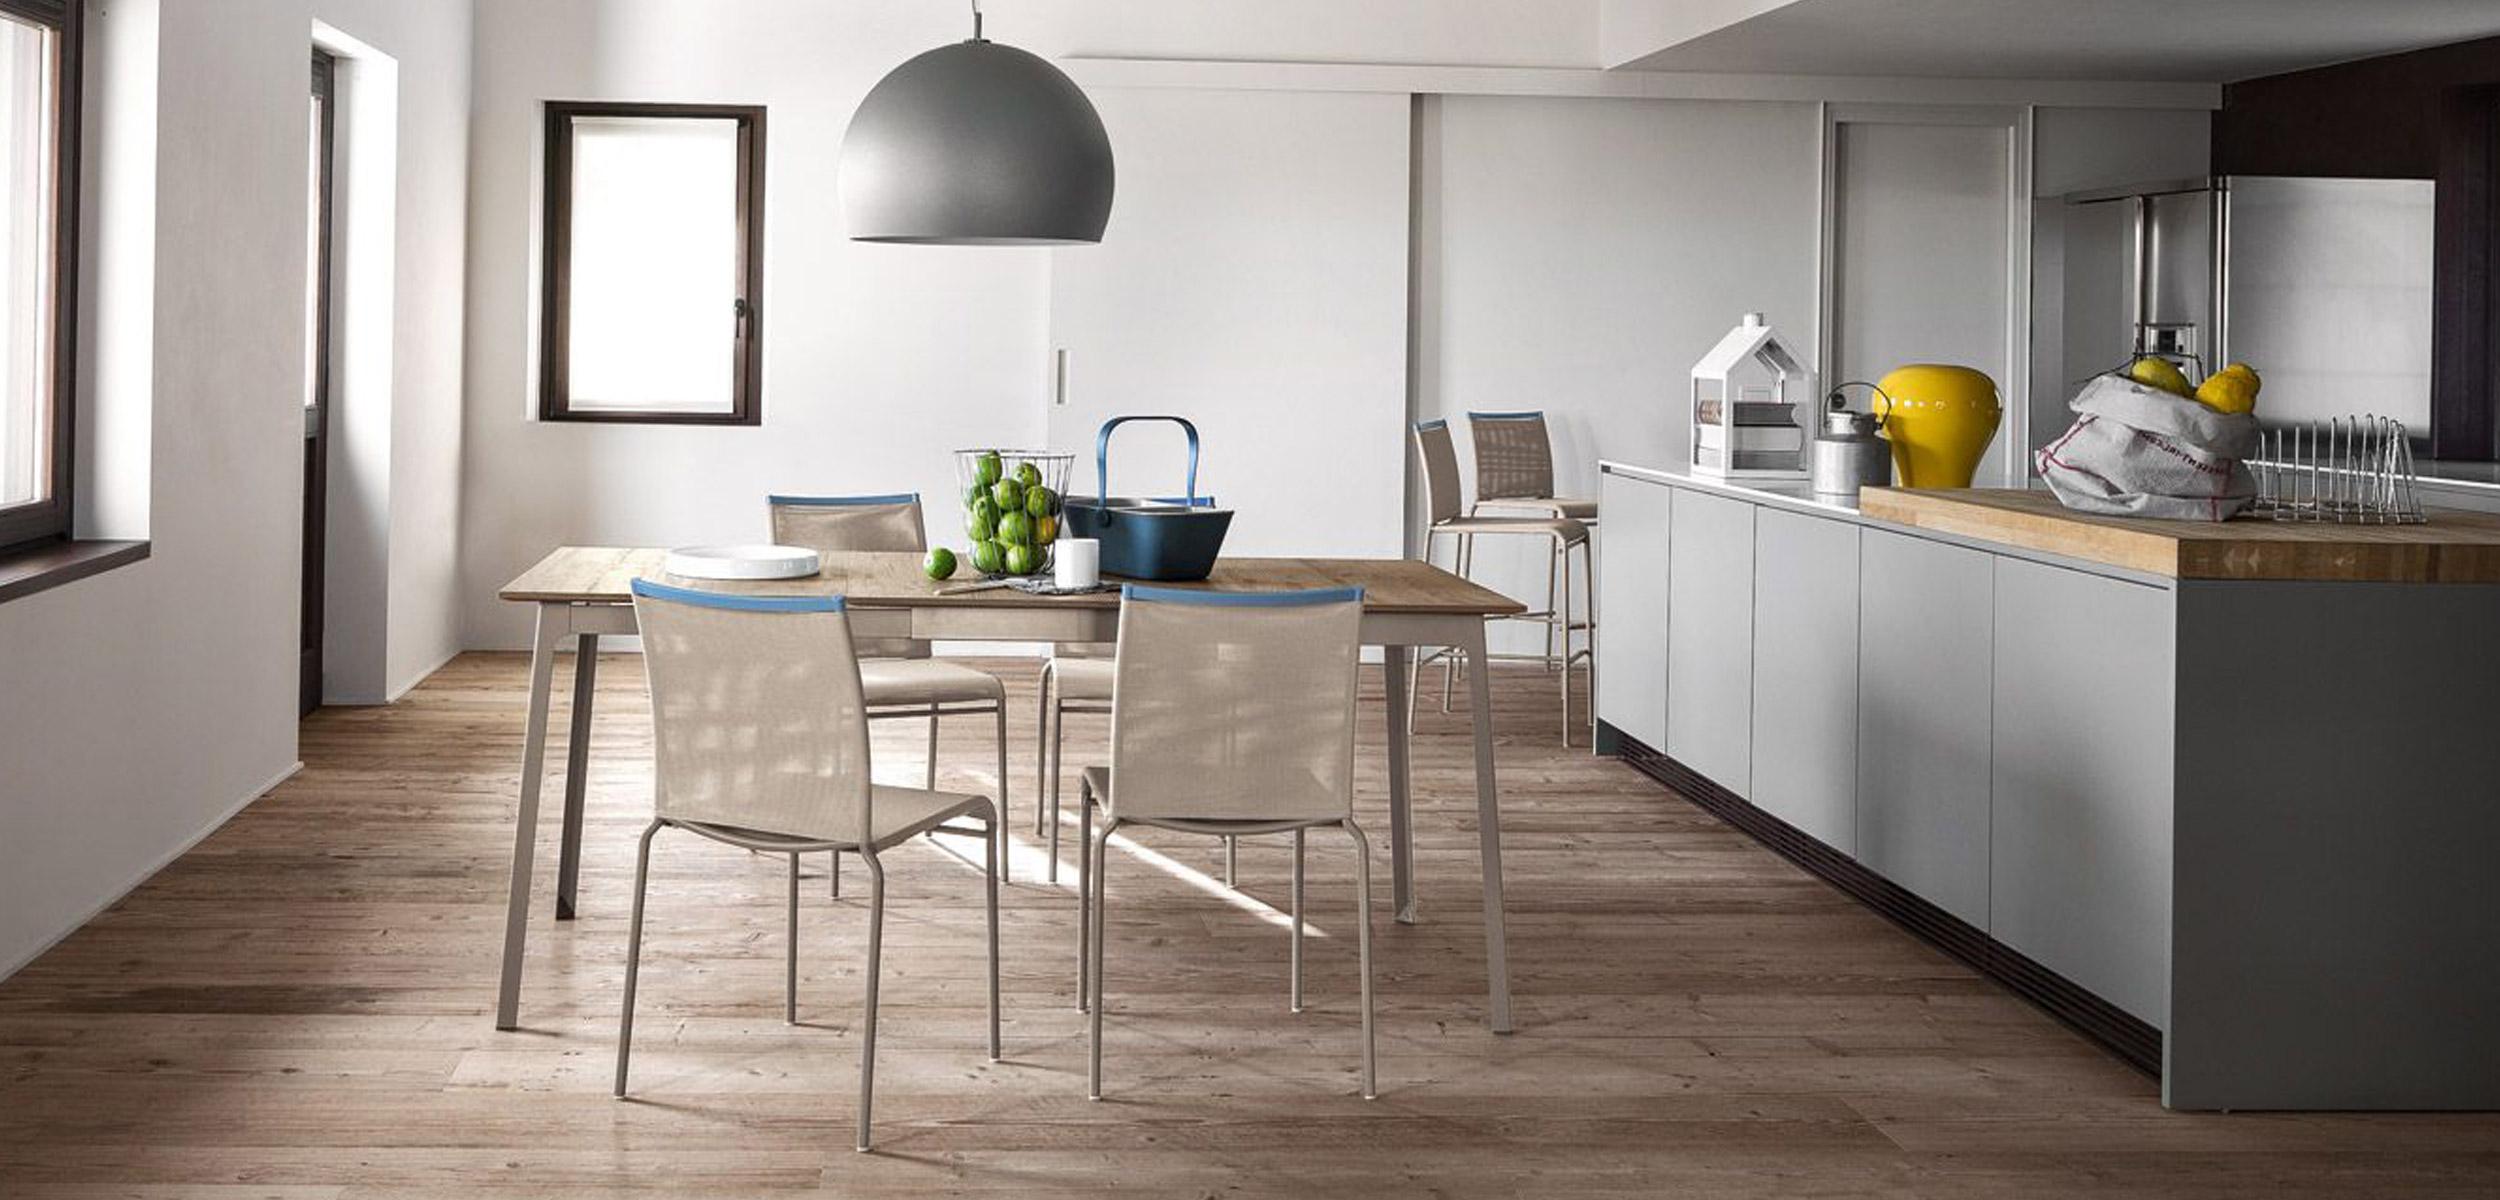 Lenzi arredamenti sedie rivenditore autorizzato for Sedie cucina on line